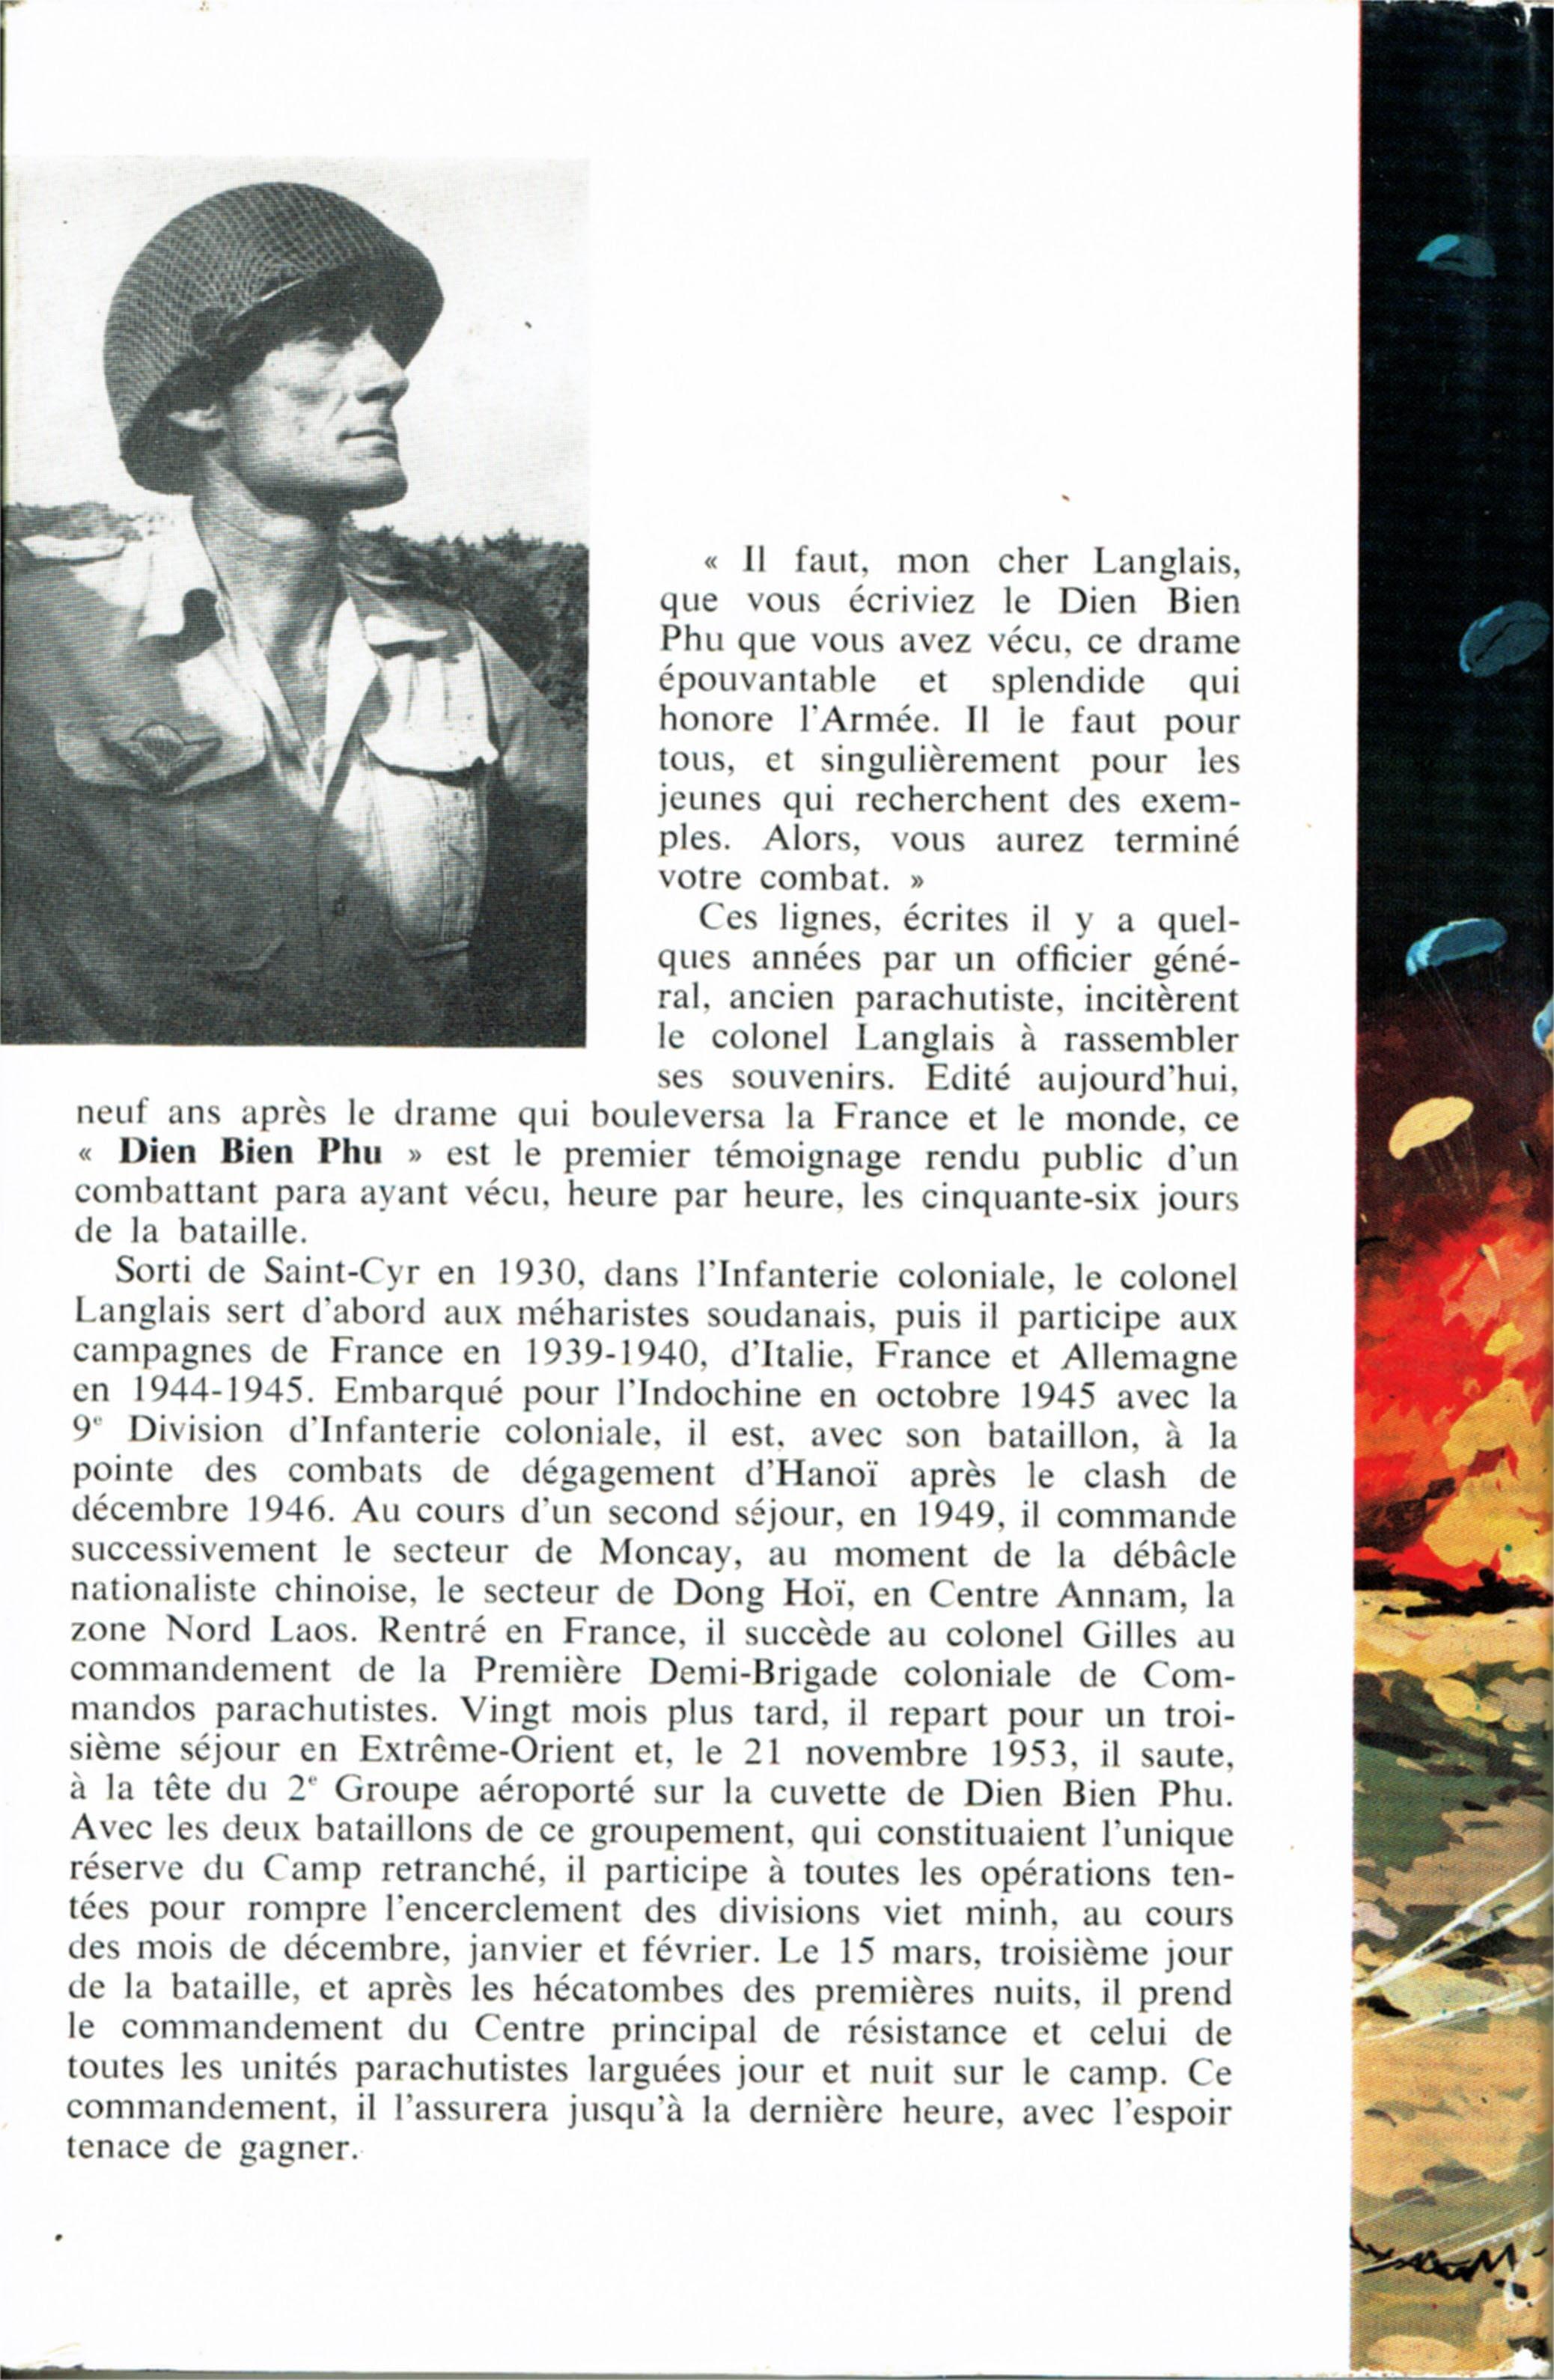 DIEN BIEN PHU par le colonel Pierre LANGLAIS Idln